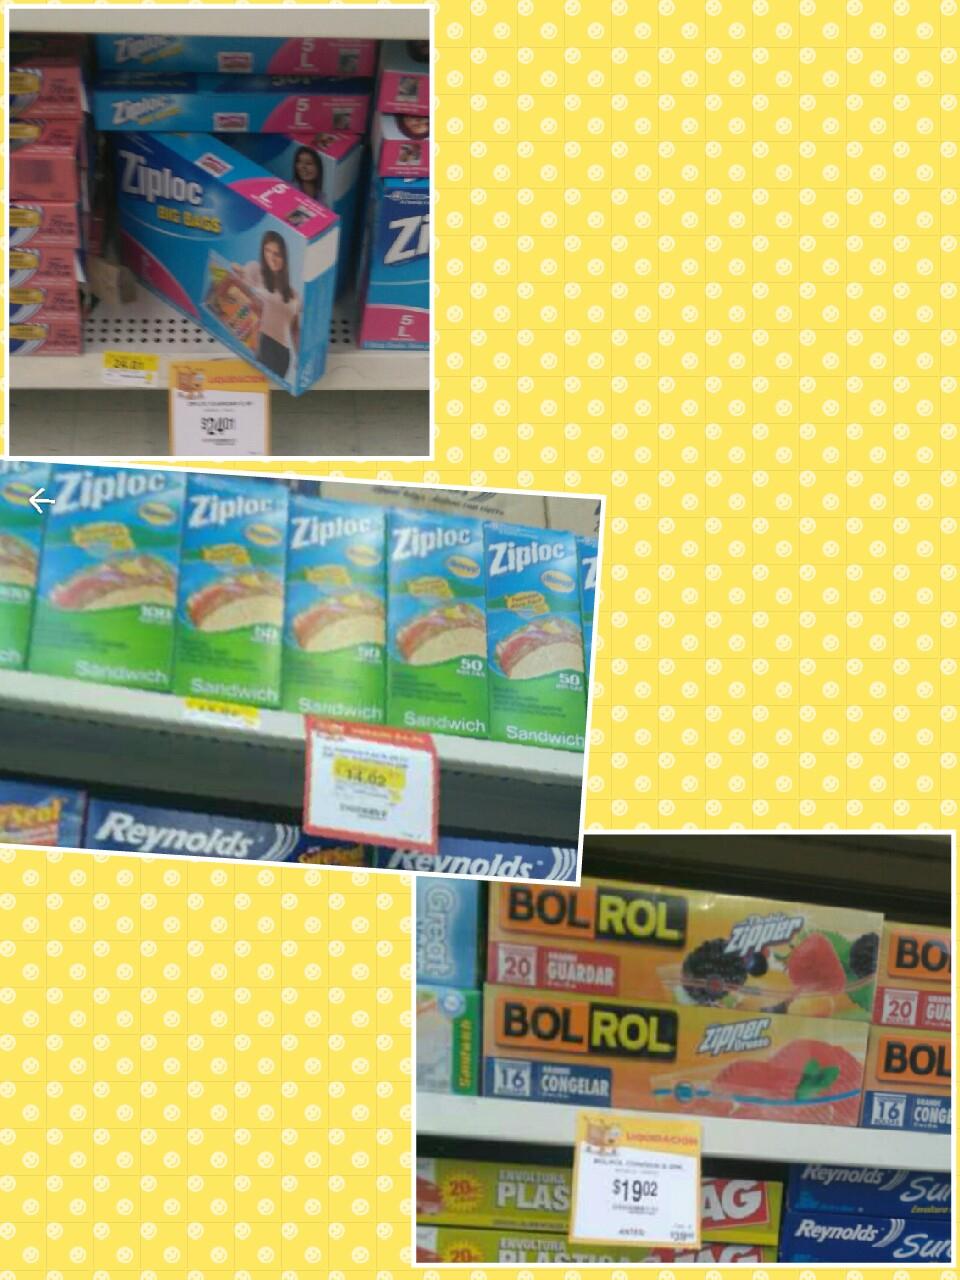 Walmart Galerias en León, Bolsas Ziploc para alimentos en liquidación